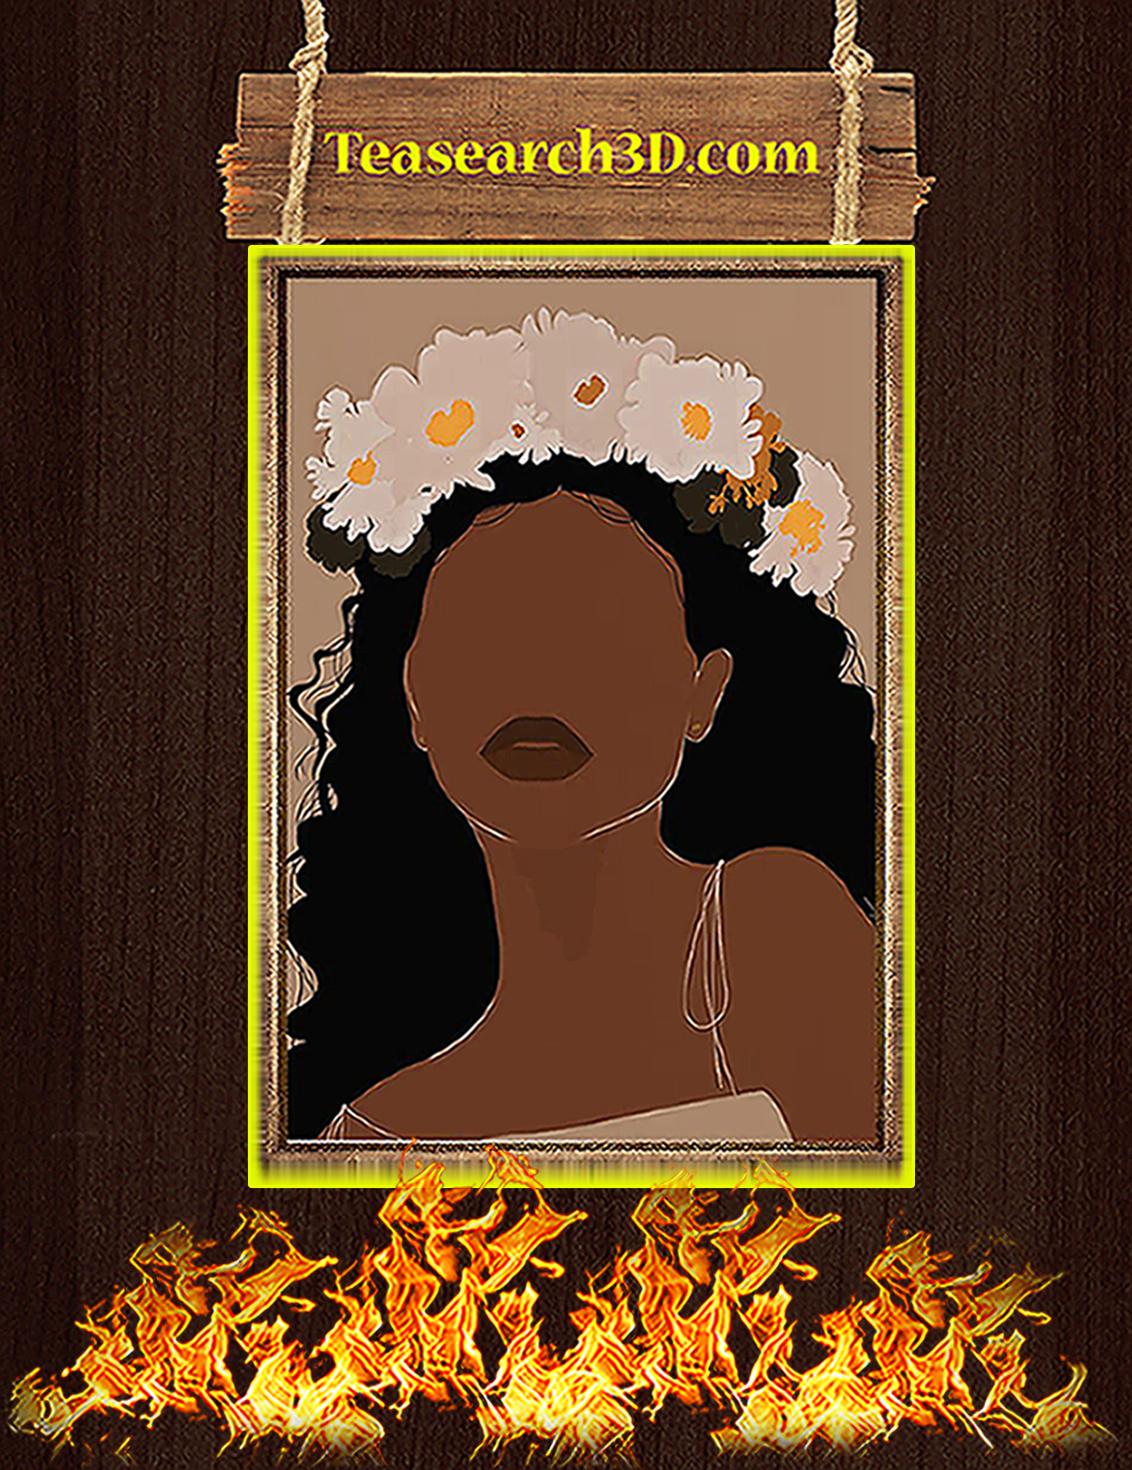 Black girl flower poster A3